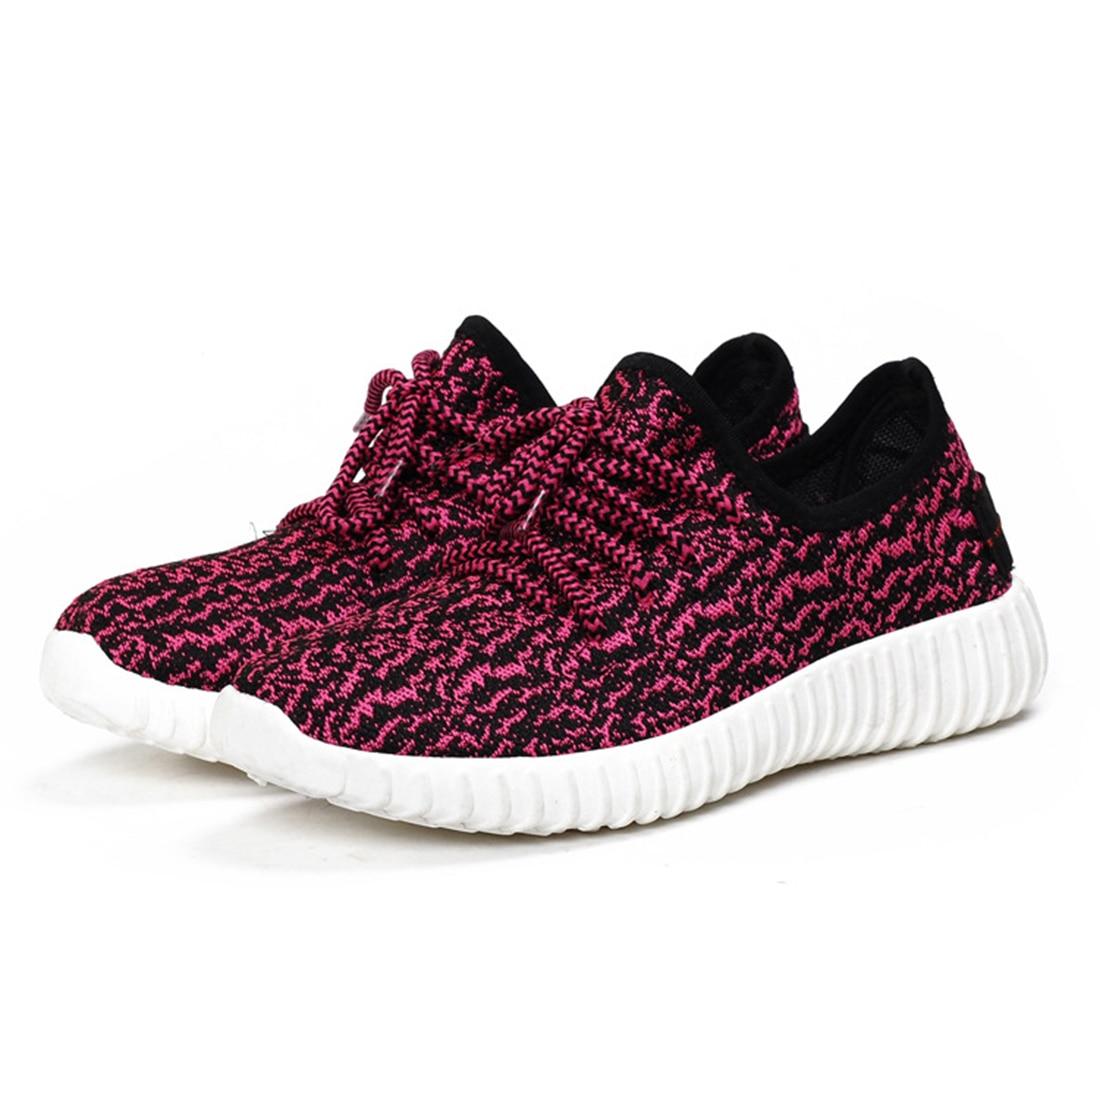 Sapatos mujeres moda sport zapatos de malla fresco resbalón en los zapatos plano